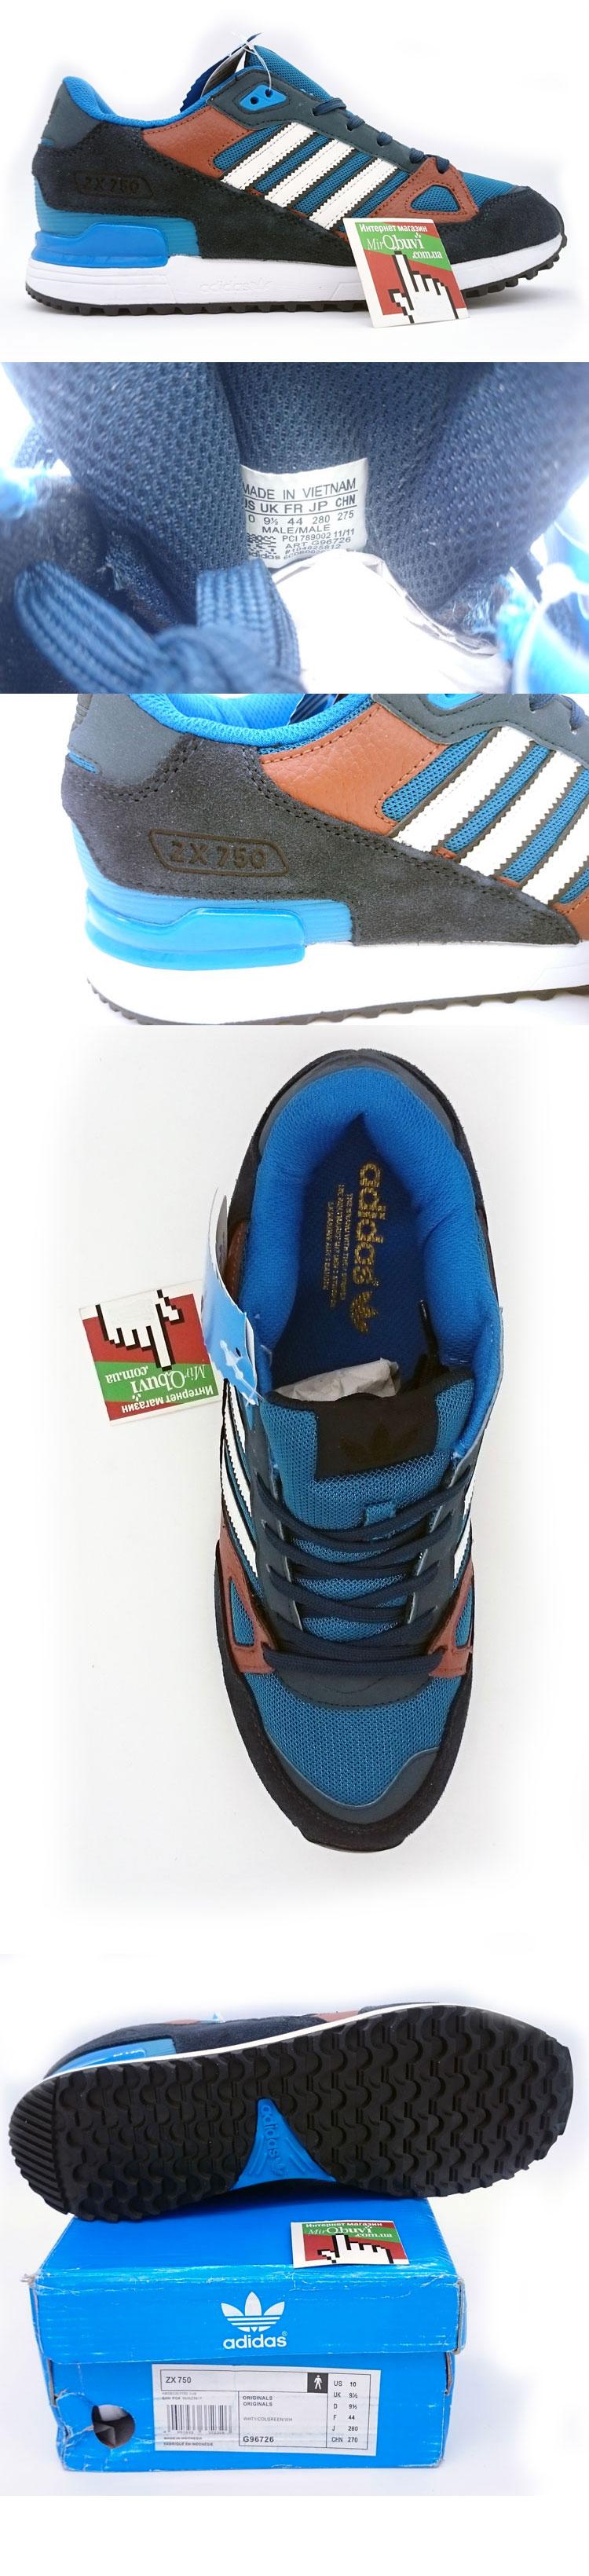 большое фото №5 Мужские кроссовки Adidas zx750 синие с коричневым - Топ качество